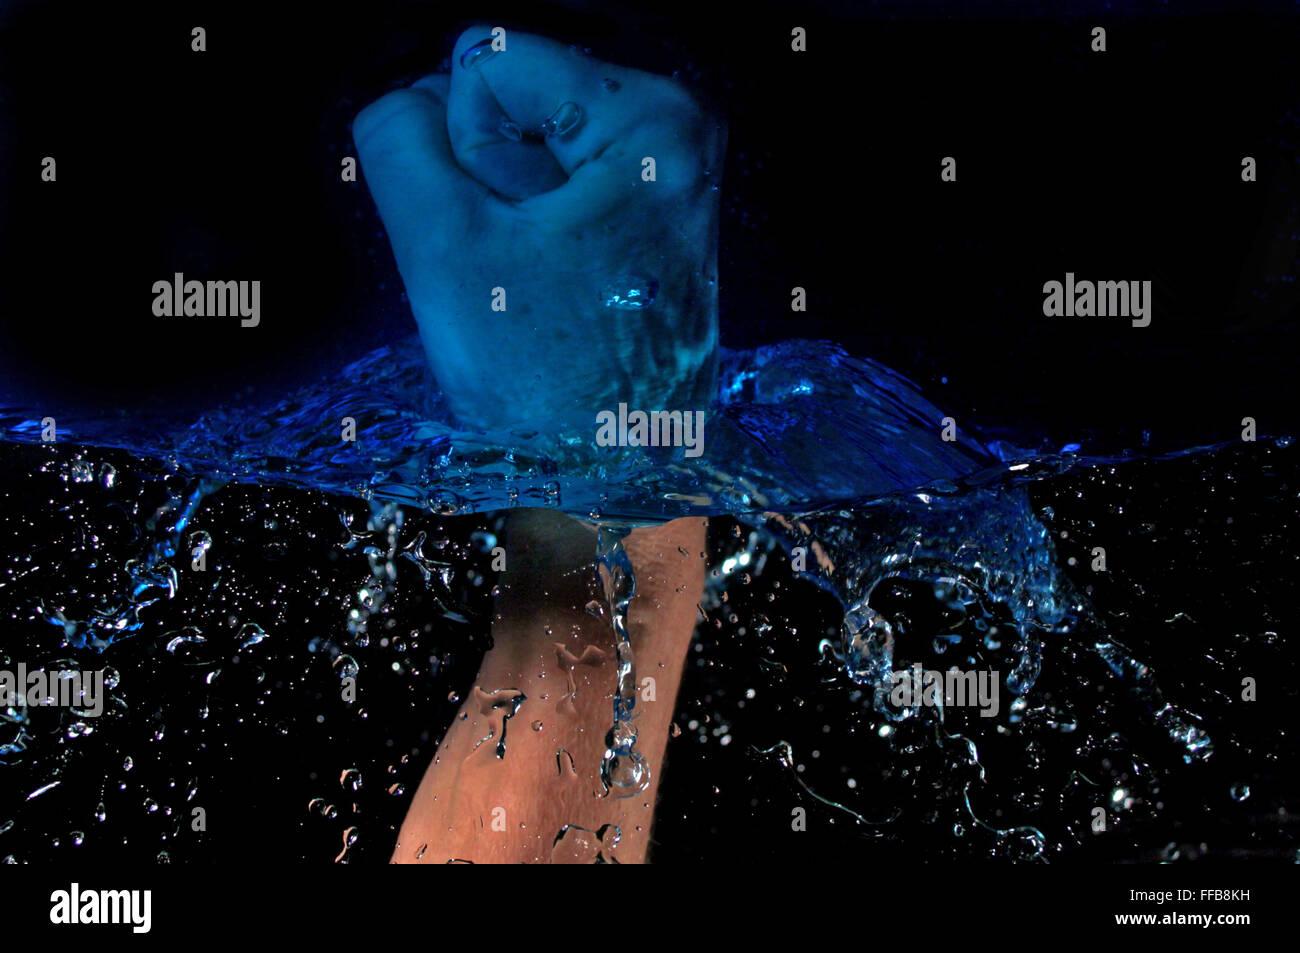 Hand smashing through water - Stock Image